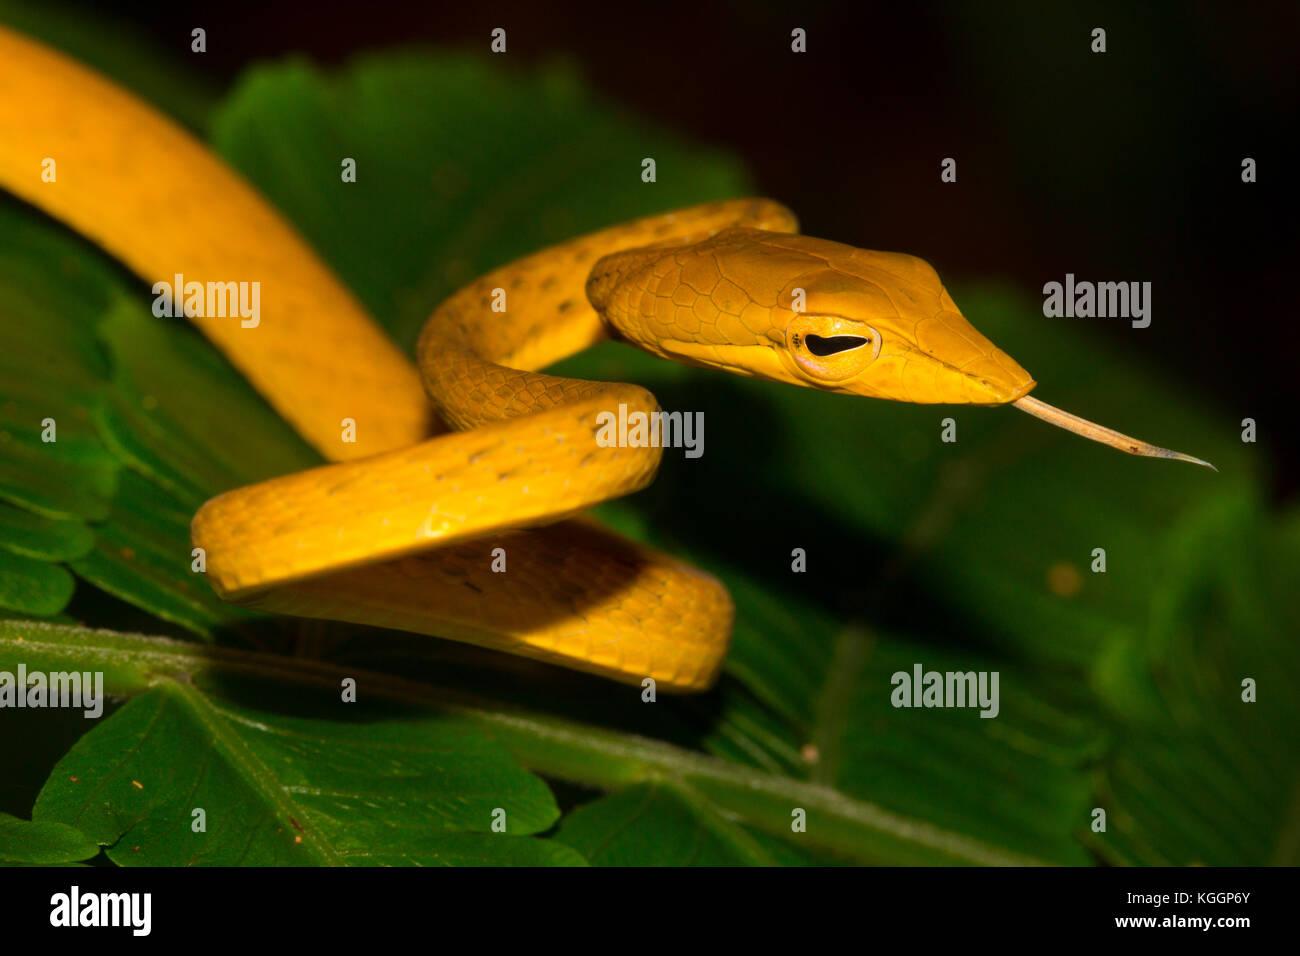 Ahaetulla prasina (Oriental Whipsnake, Asian vine snake, Jade Vine Snake) is slim, slighttly venomous snake living on trees. NP Gunung Mulu, Borneo. Stock Photo